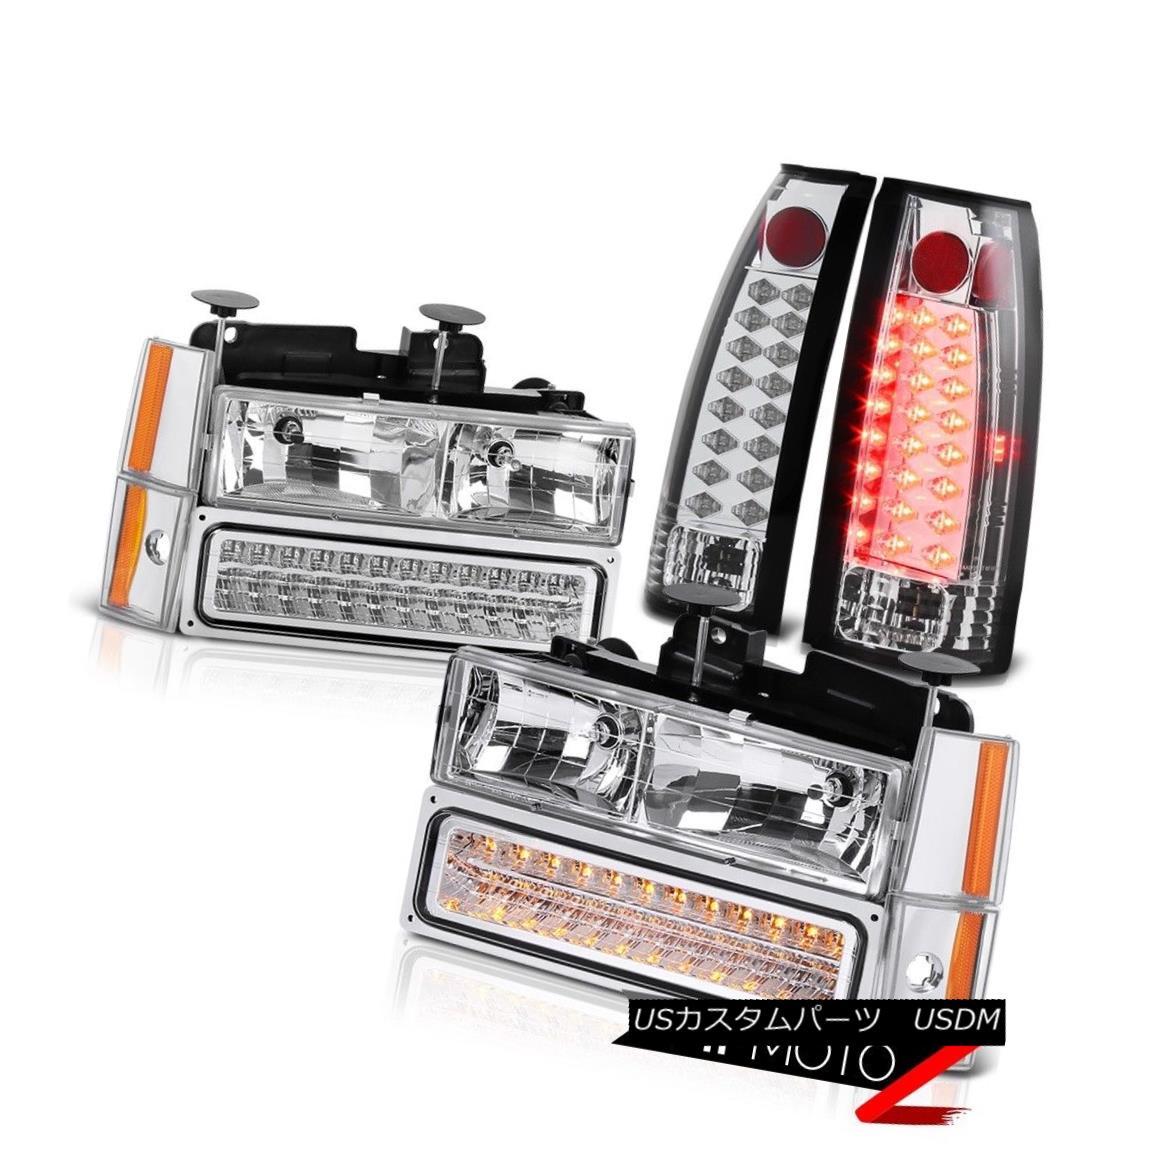 ヘッドライト 1988-1993 Chevy Silverado K1500 K2500 C1500 C2500 LED Headlight Tail Lamps SET 1988-1993 Chevy Silverado K1500 K2500 C1500 C2500 LEDヘッドライトテールランプ